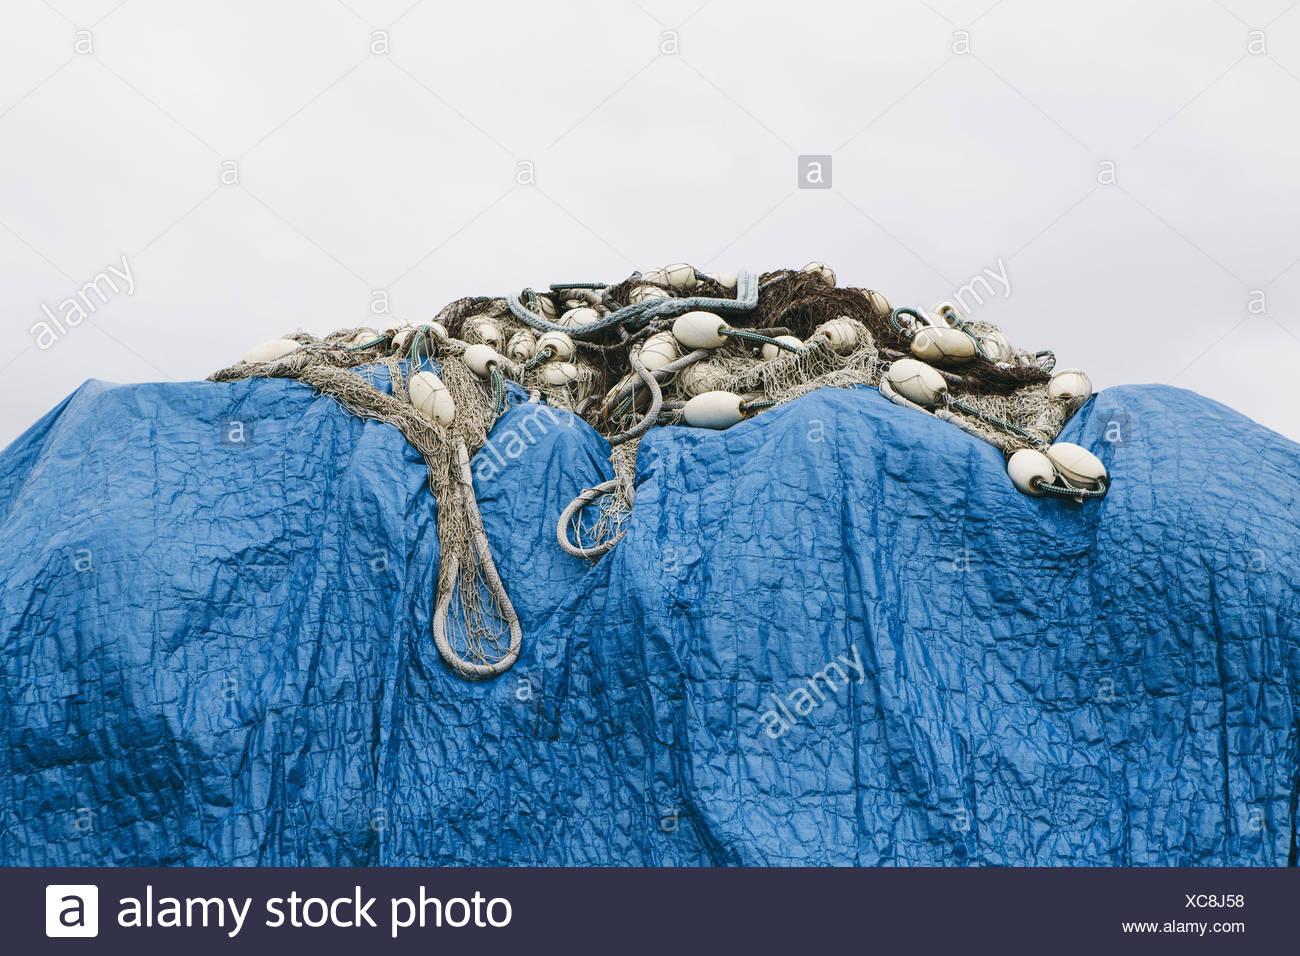 Seattle, Washington, EE.UU. la lona azul que cubre las redes de pesca comercial Imagen De Stock